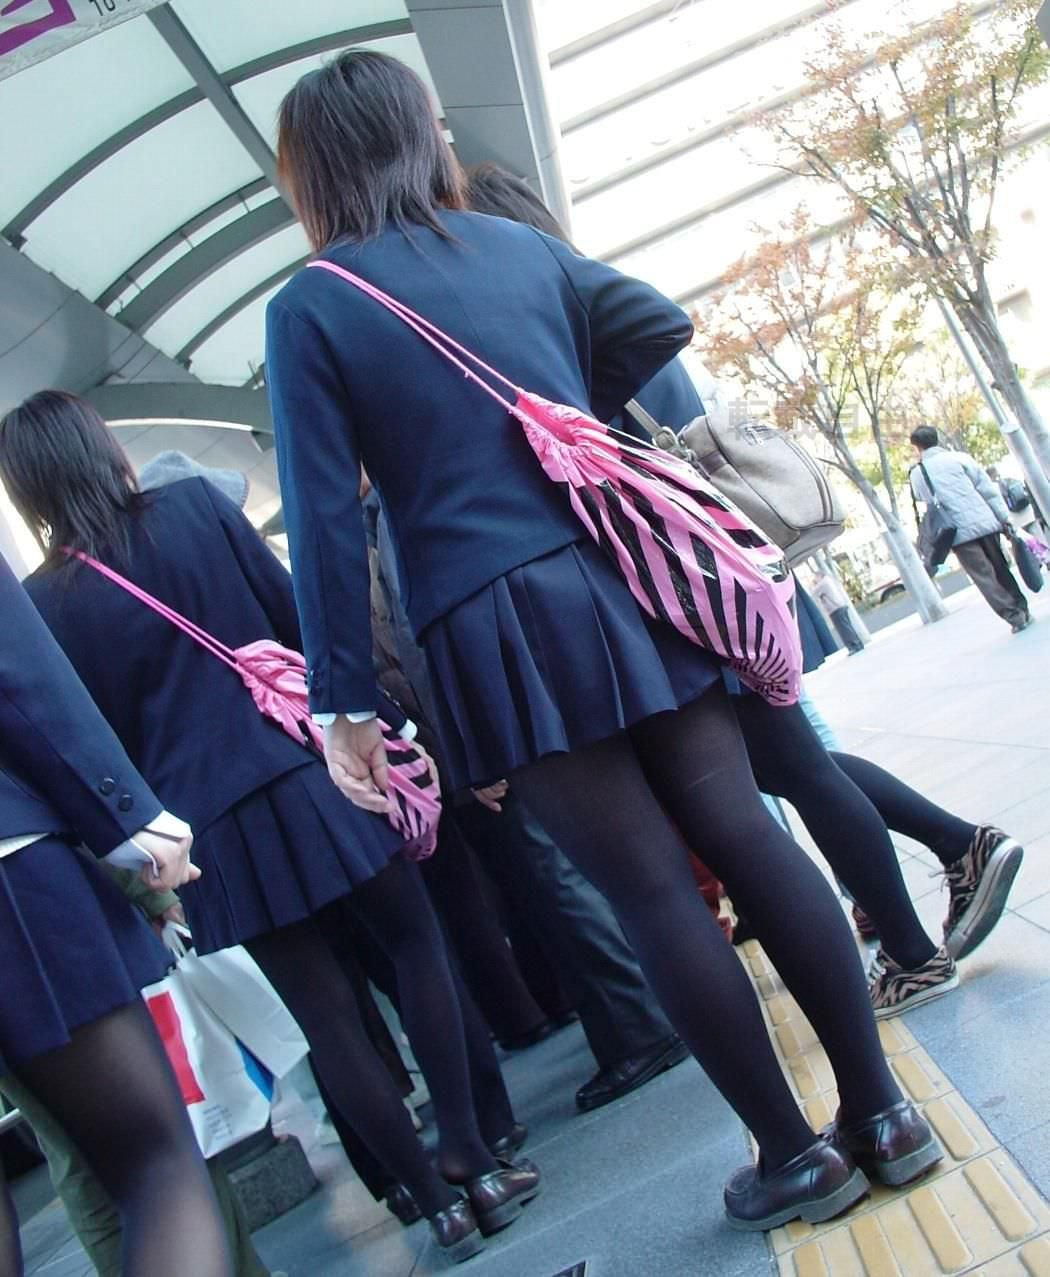 【JK盗撮】ミニスカ女子校生が黒パンスト履いた太ももがクソ抜ける街撮りwwww 2025